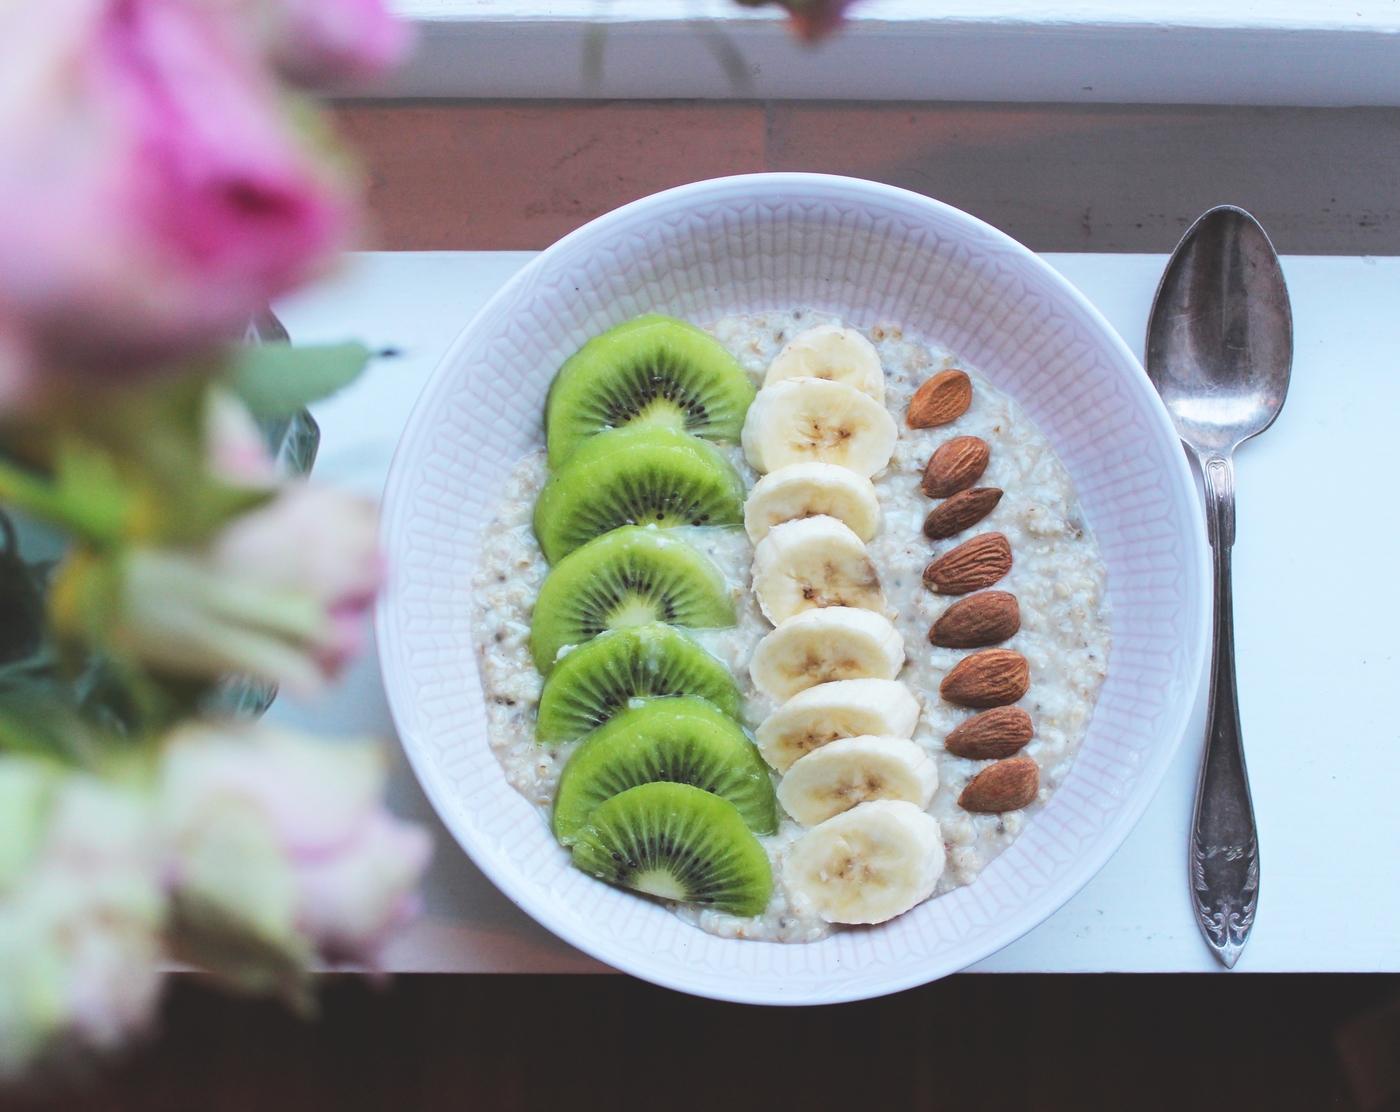 Kohti tiedostavampaa syömistä